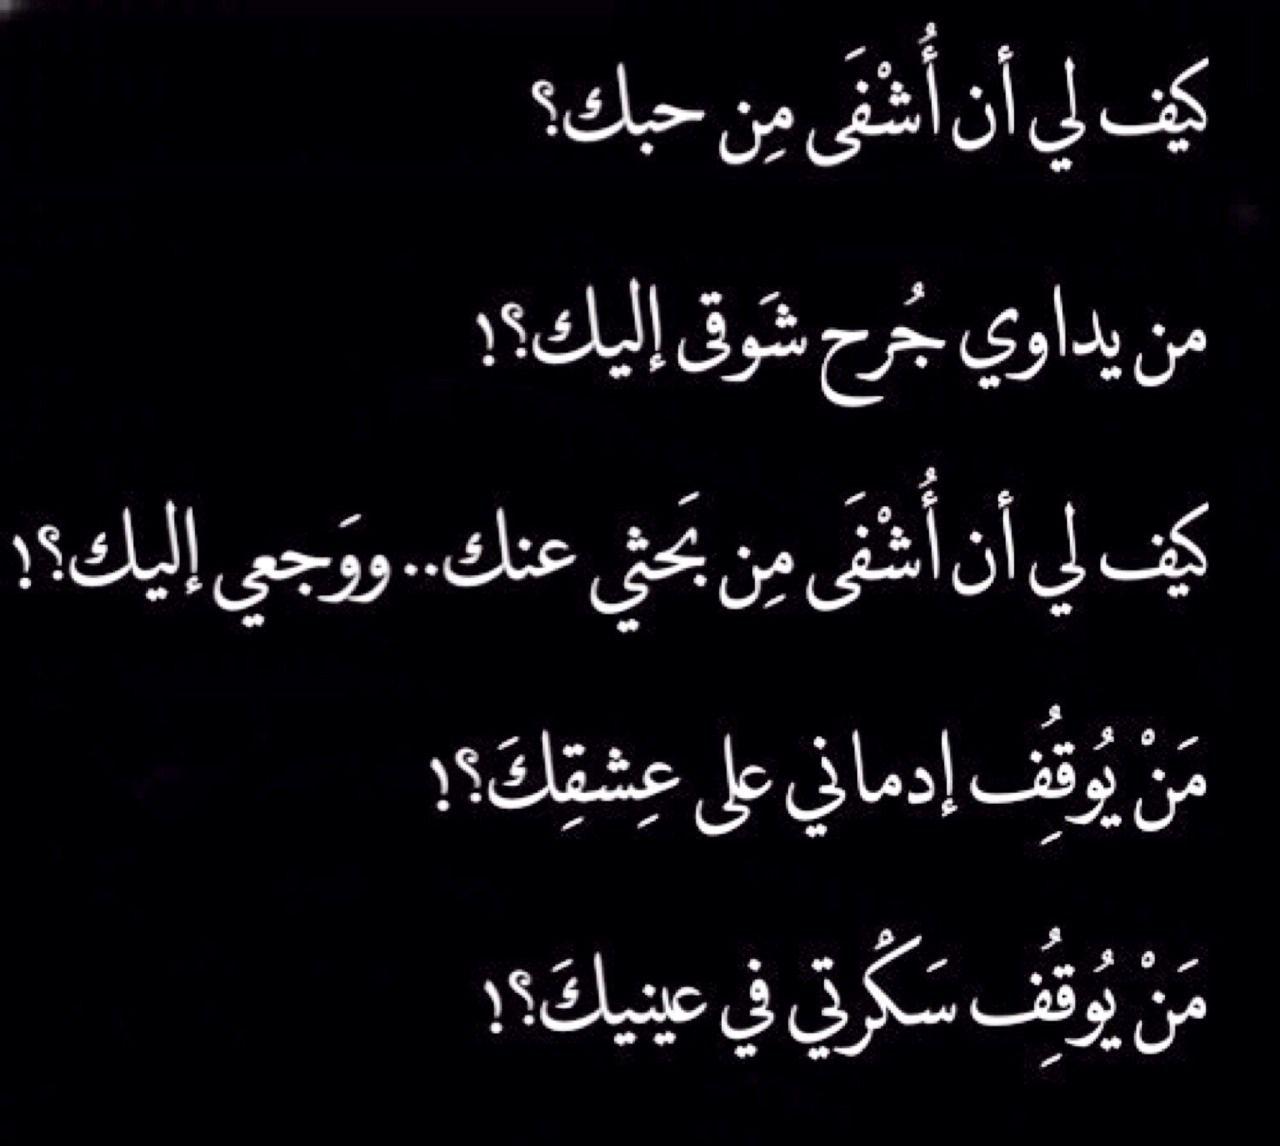 Soliman990 Sayings